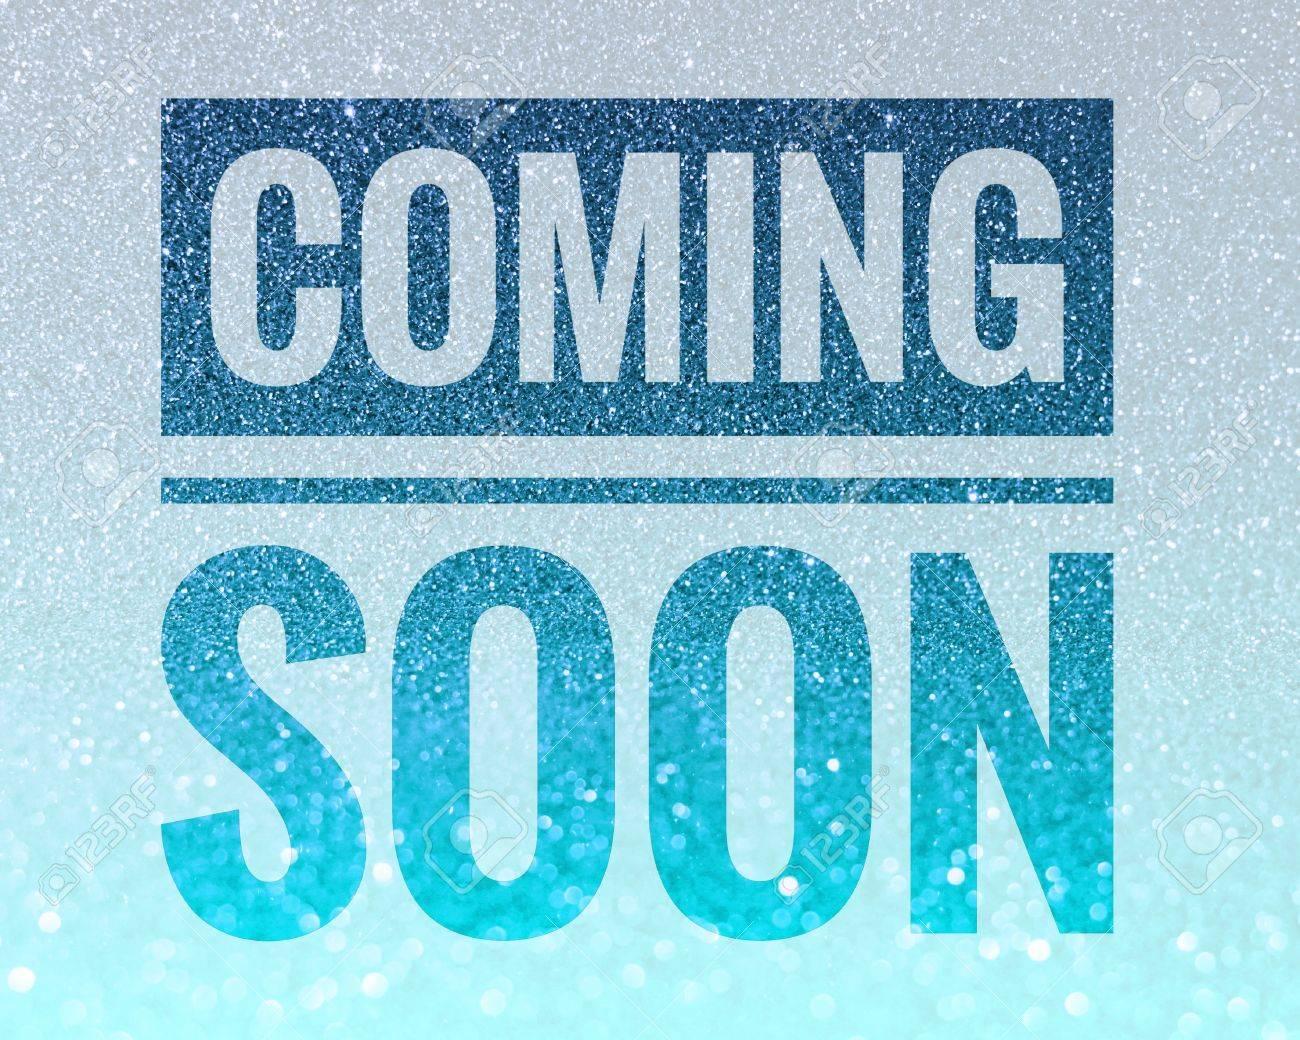 68679395-光沢のある青いキラキラ背景に言葉を近日公開予定